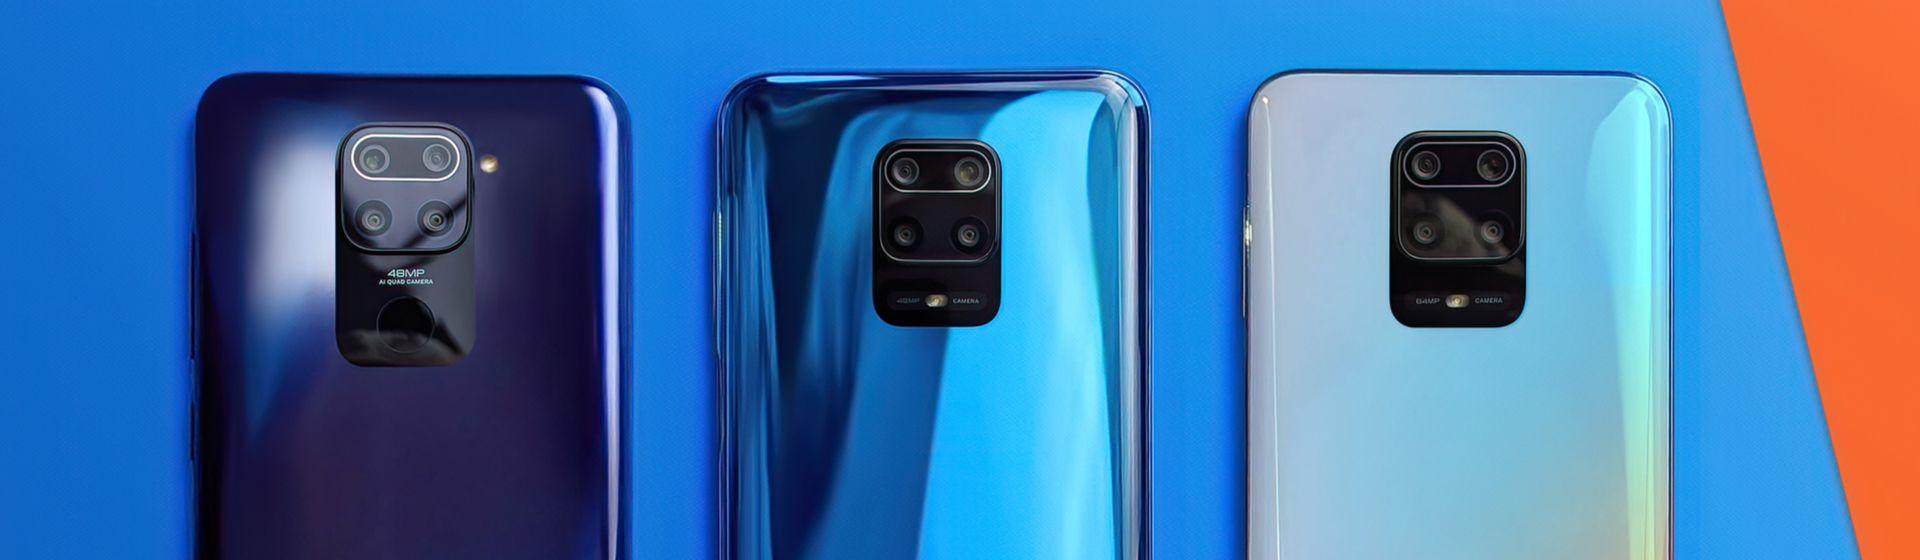 Lançamento de celular em 2020: veja 27 modelos anunciados no 1º semestre